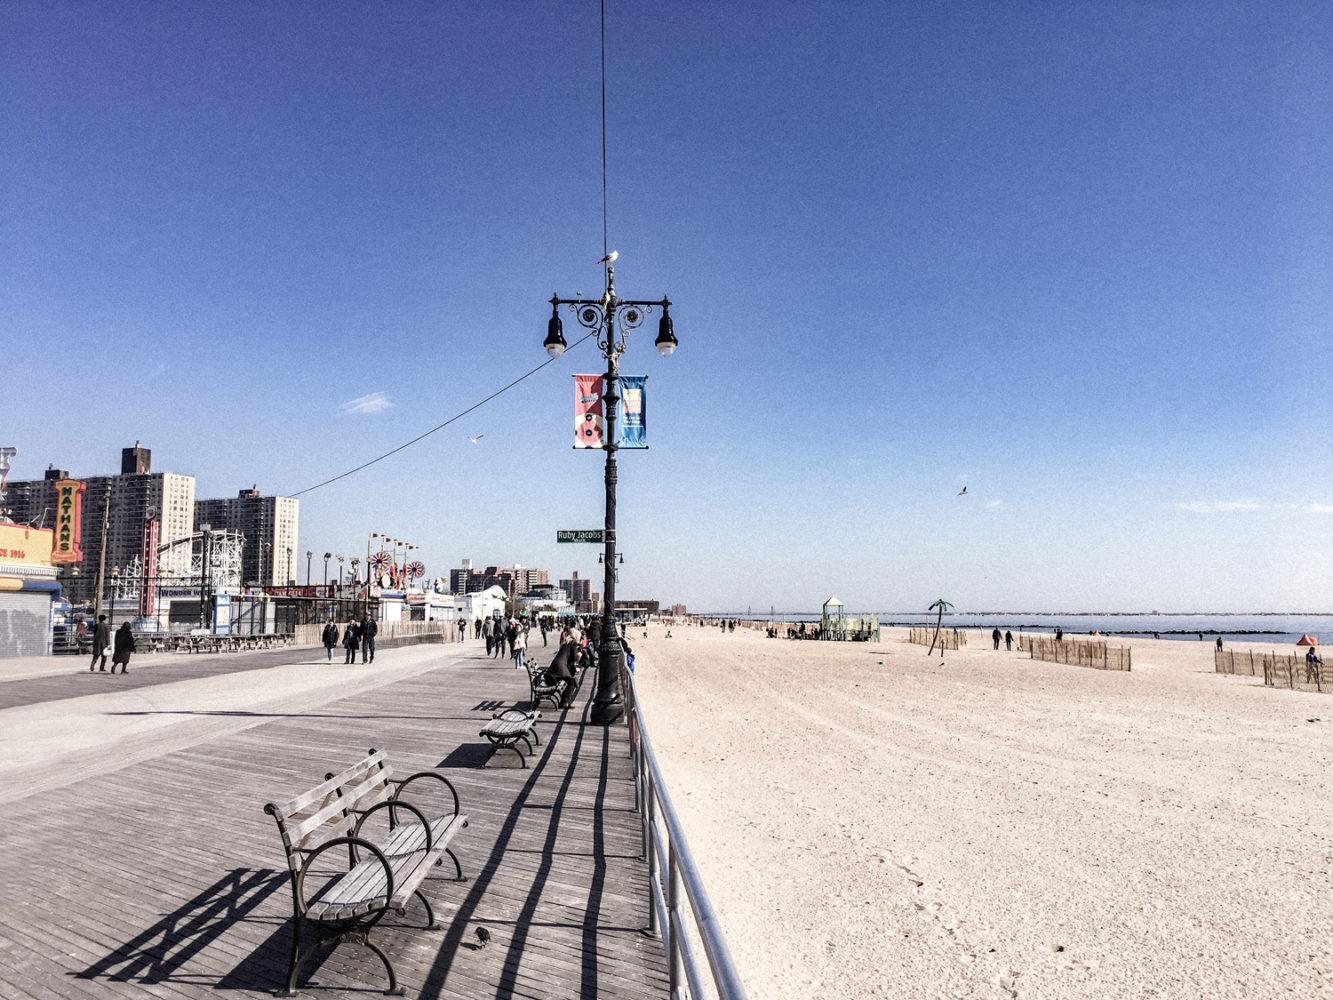 Balade le long de la plage de Coney Island